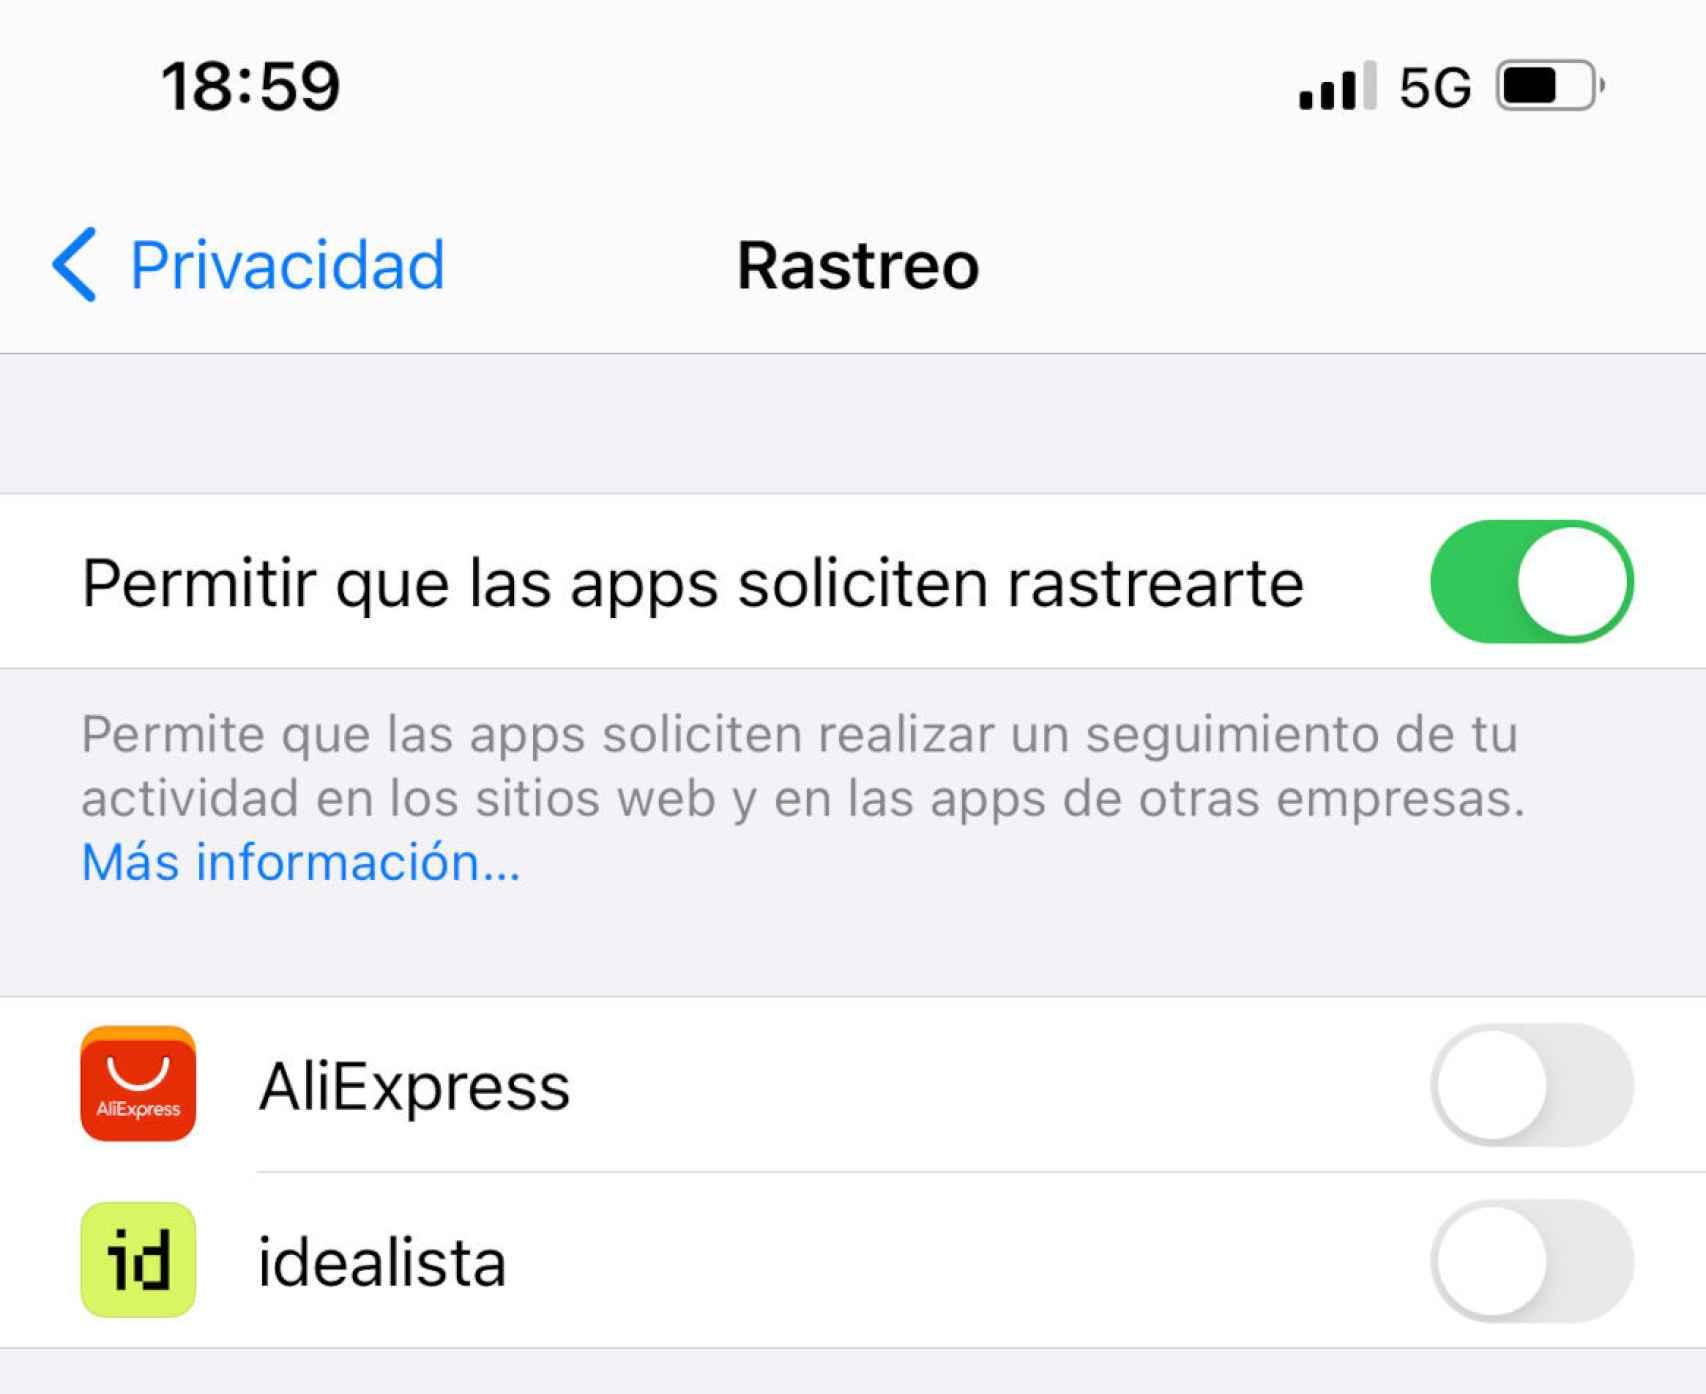 Nueva opción para bloquear el rastreo en iOS